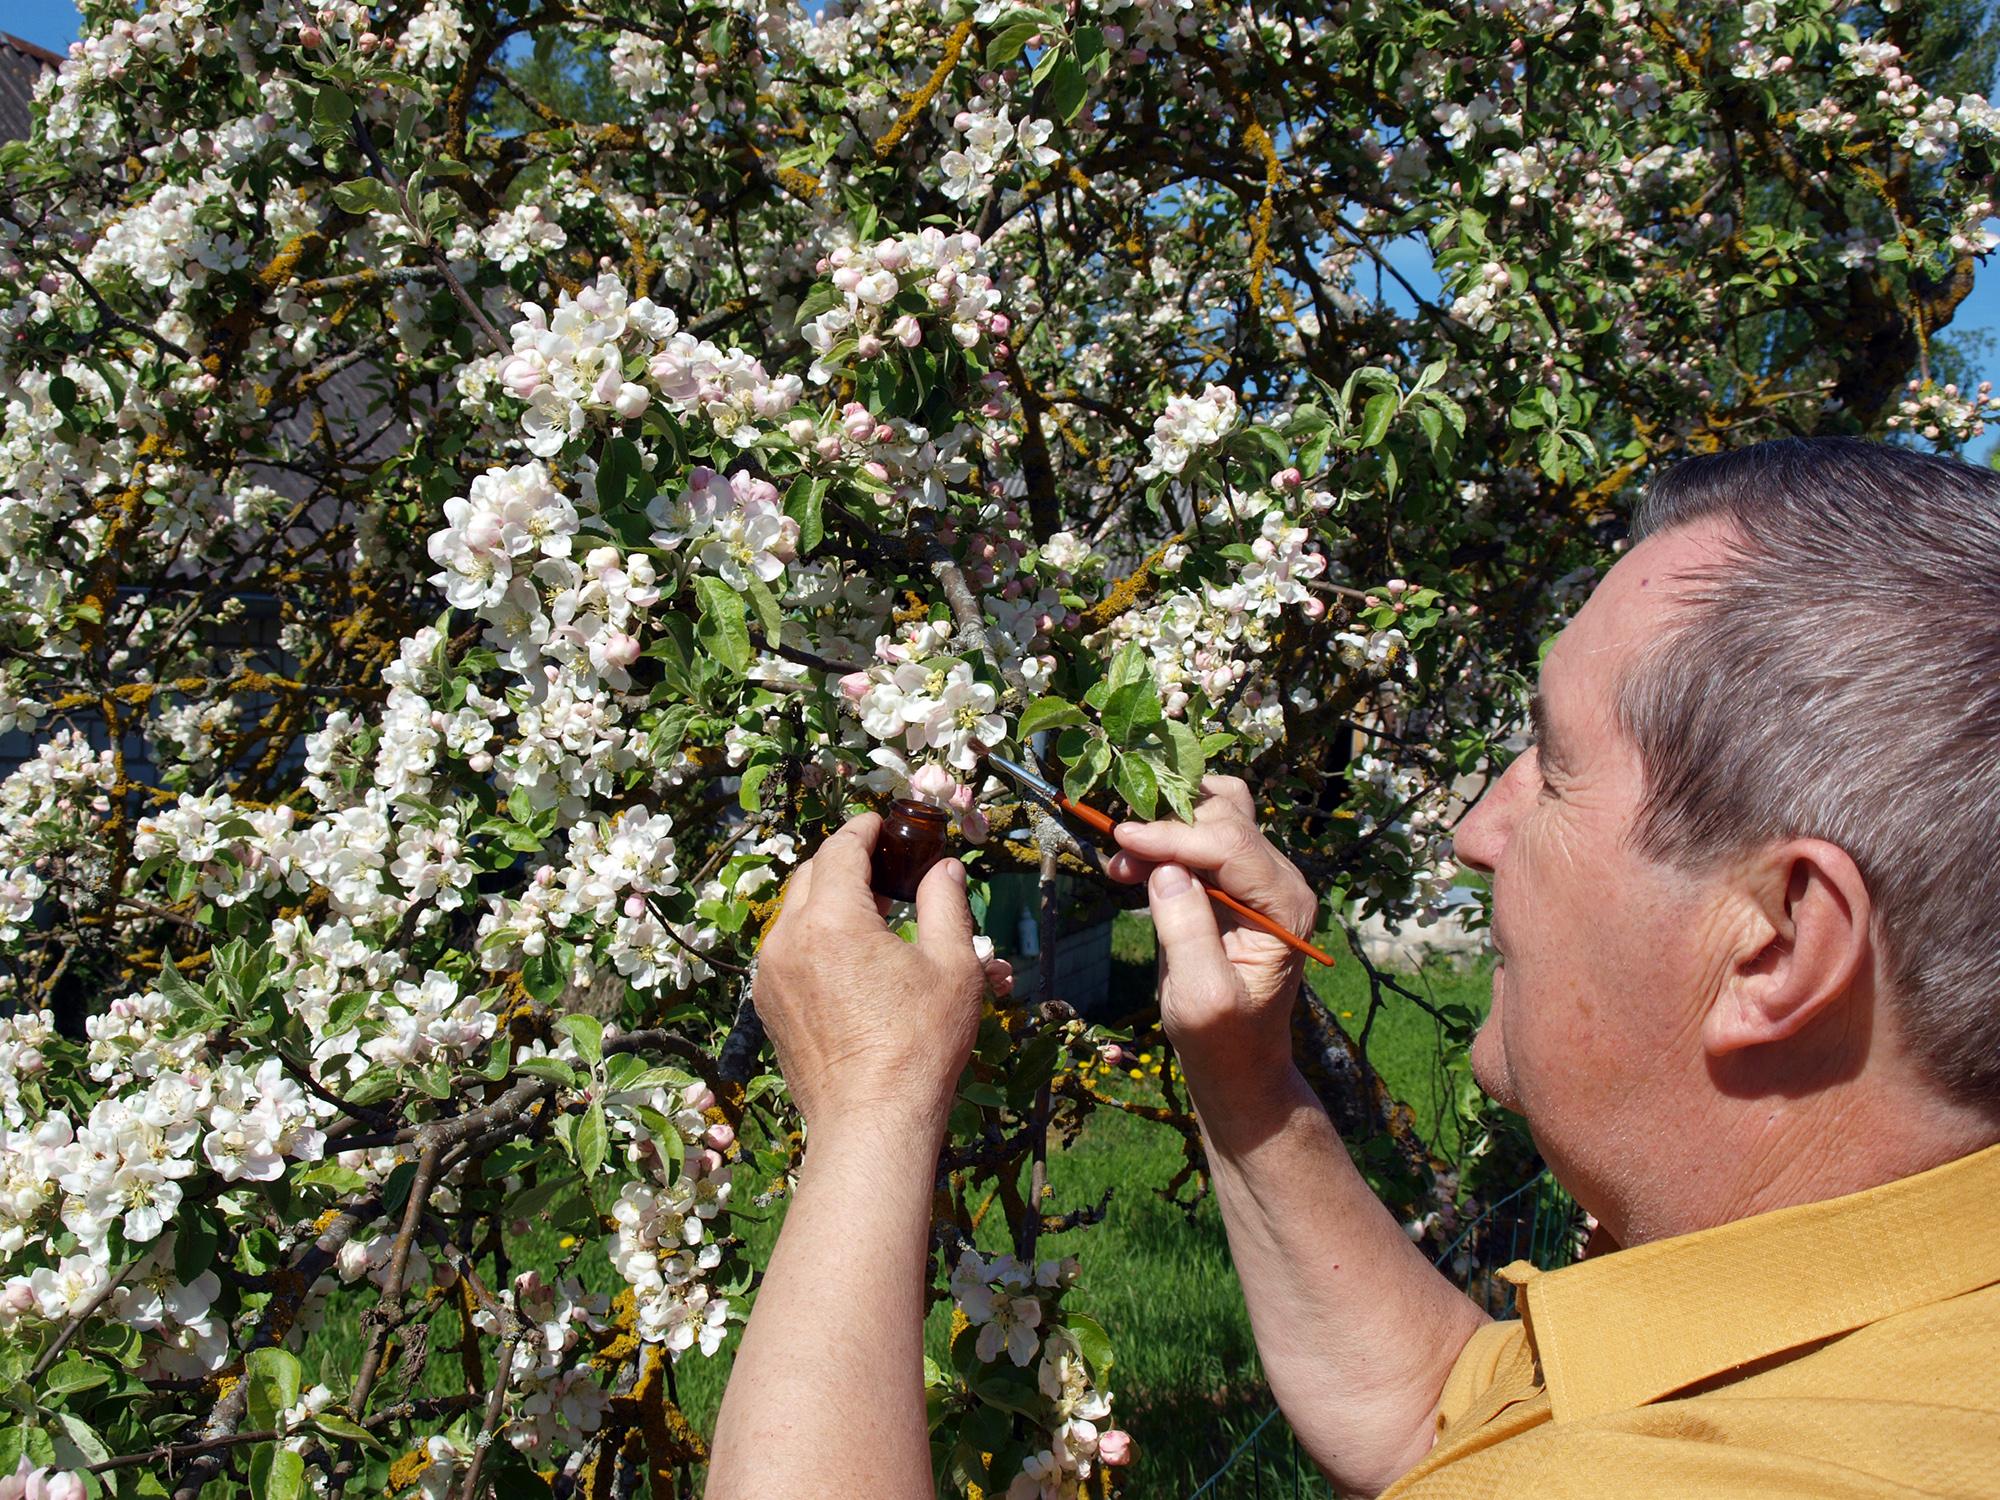 یک تولیدکننده میوه شکوفه های روی درخت را بررسی می کند (گراندپا/شاتراستاک)